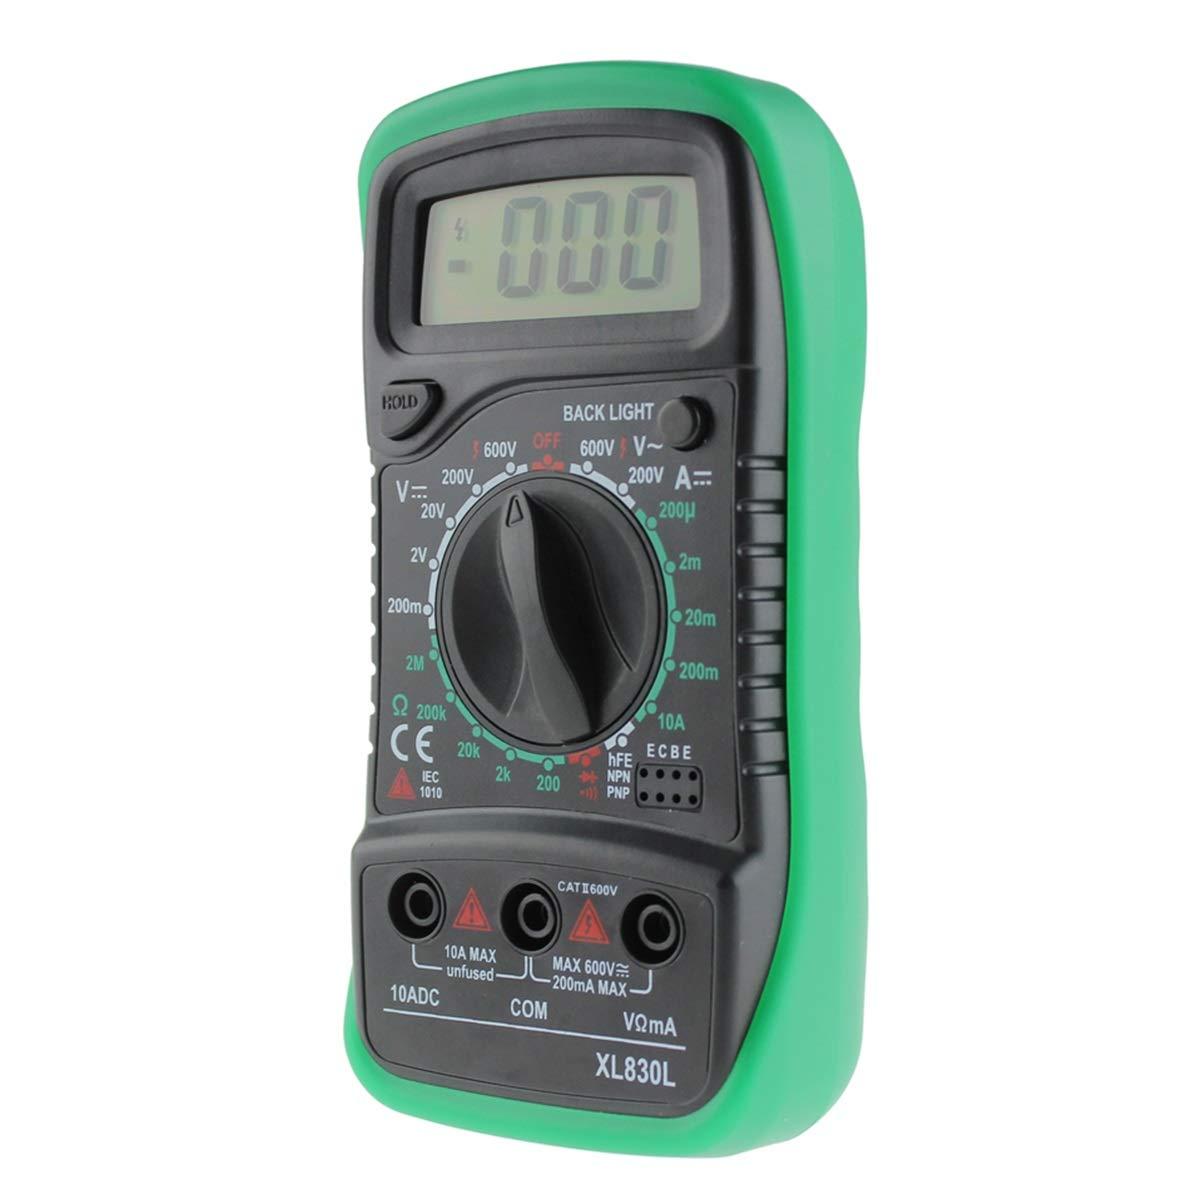 Color : Green Jinxuny Mult/ímetro Digital XL830L Mult/ímetro Retroiluminaci/ón LCD Digital Mult/ímetro Volt/ímetro Amper/ímetro AC DC Ohm Volt Tester Medidor de medici/ón de Corriente de Prueba